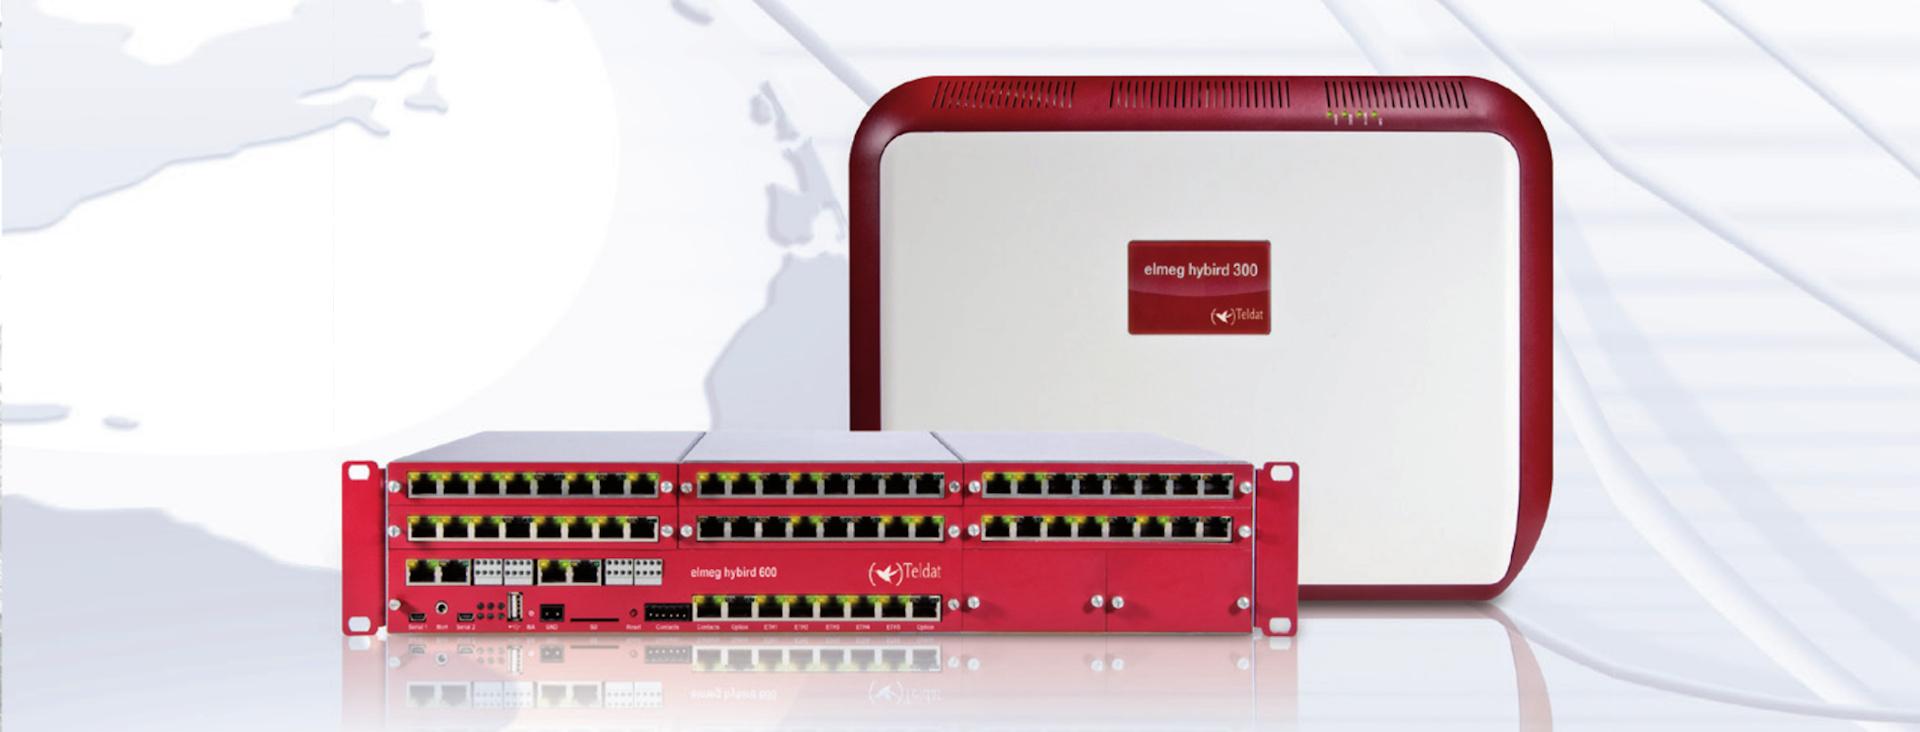 Nowy system telefonii Elmeg Hybrid